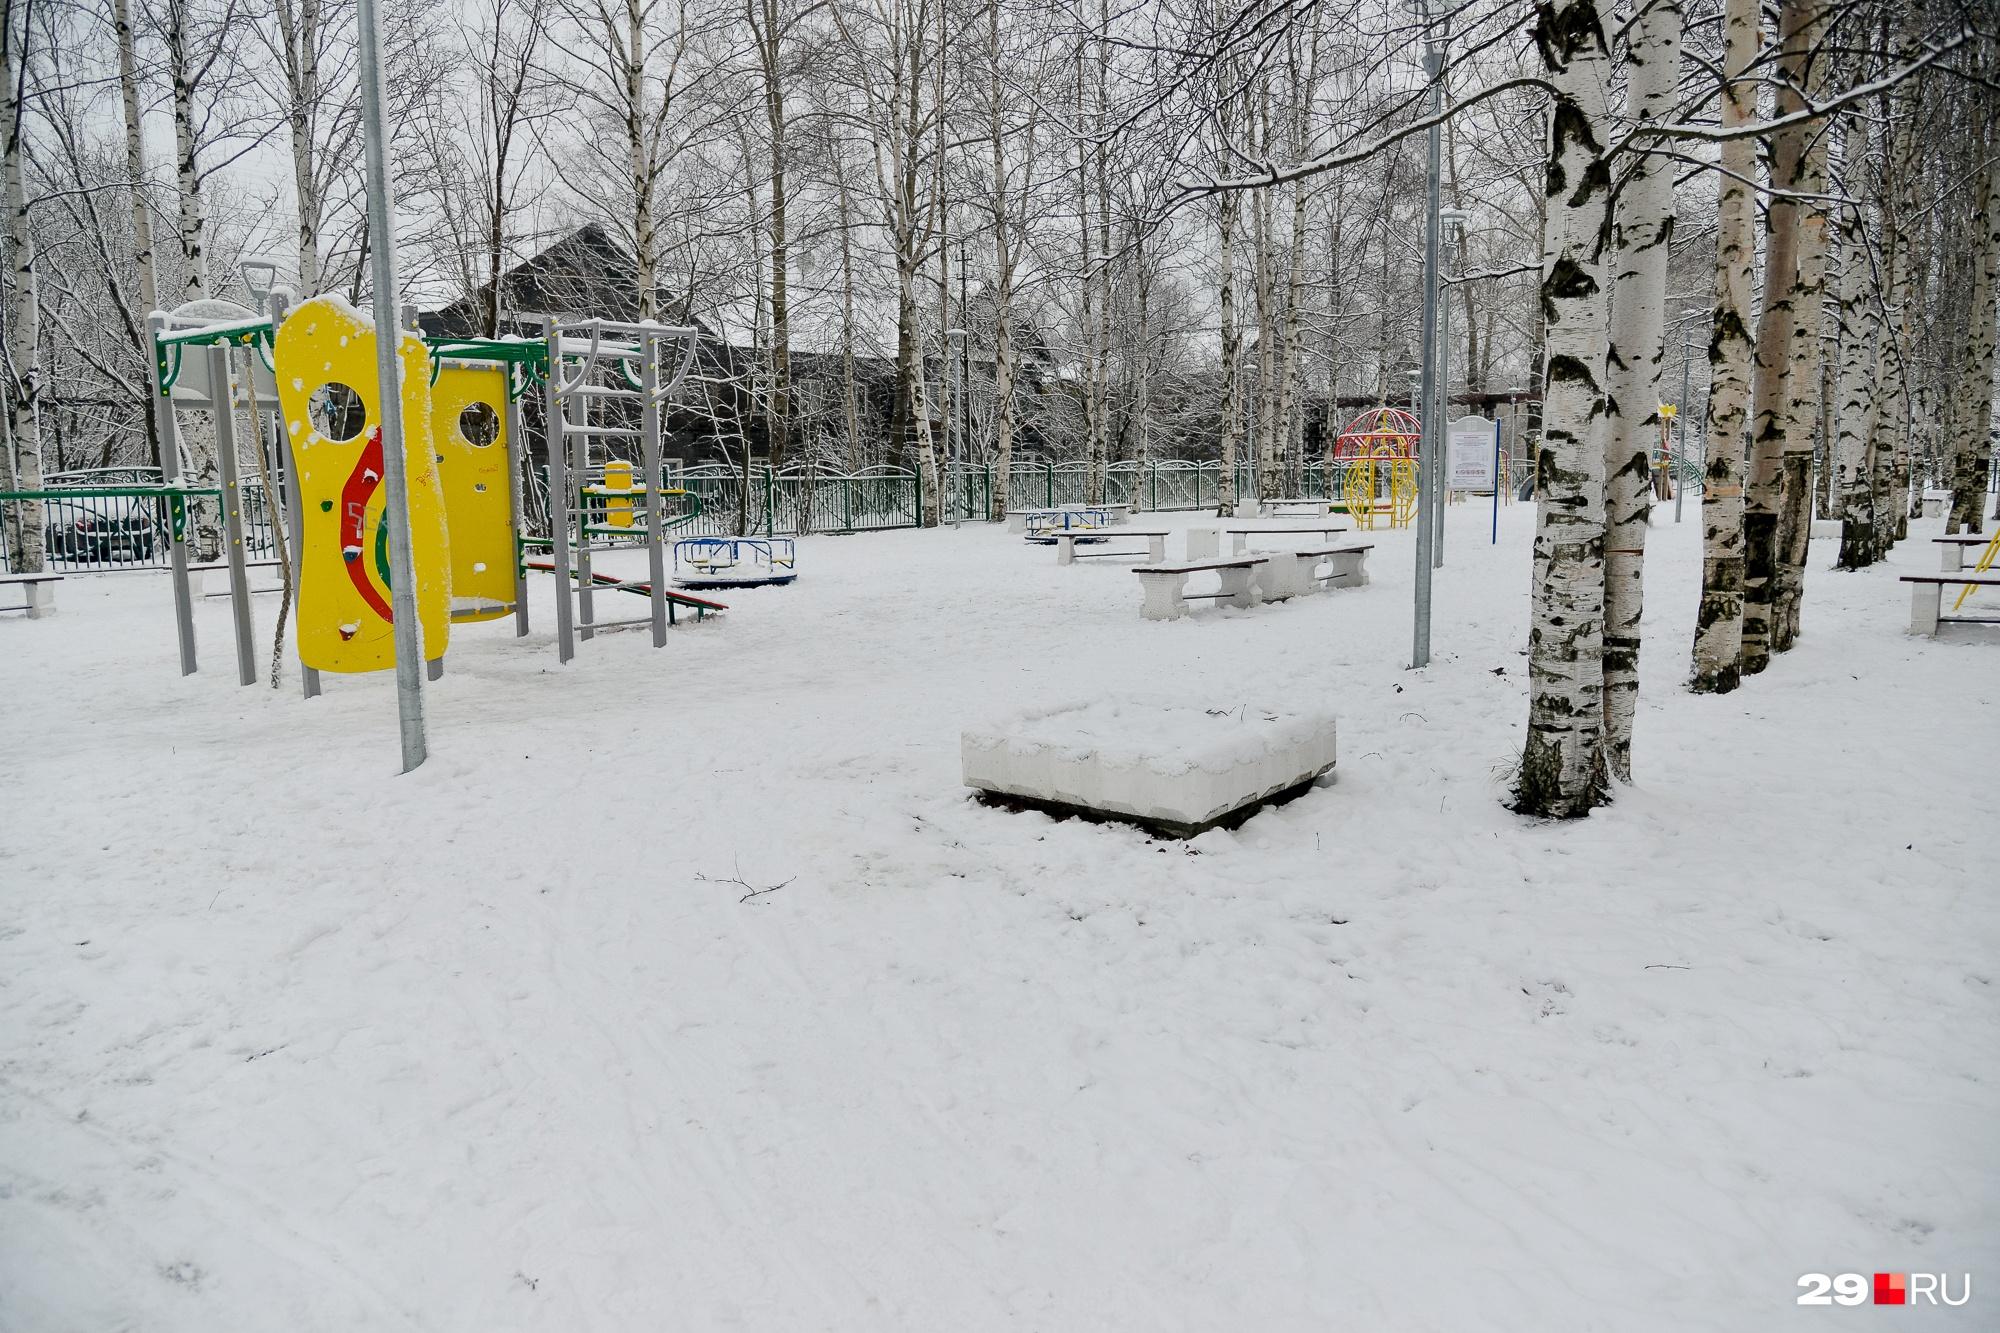 Еще один парк для детей во дворах на улице Партизанской